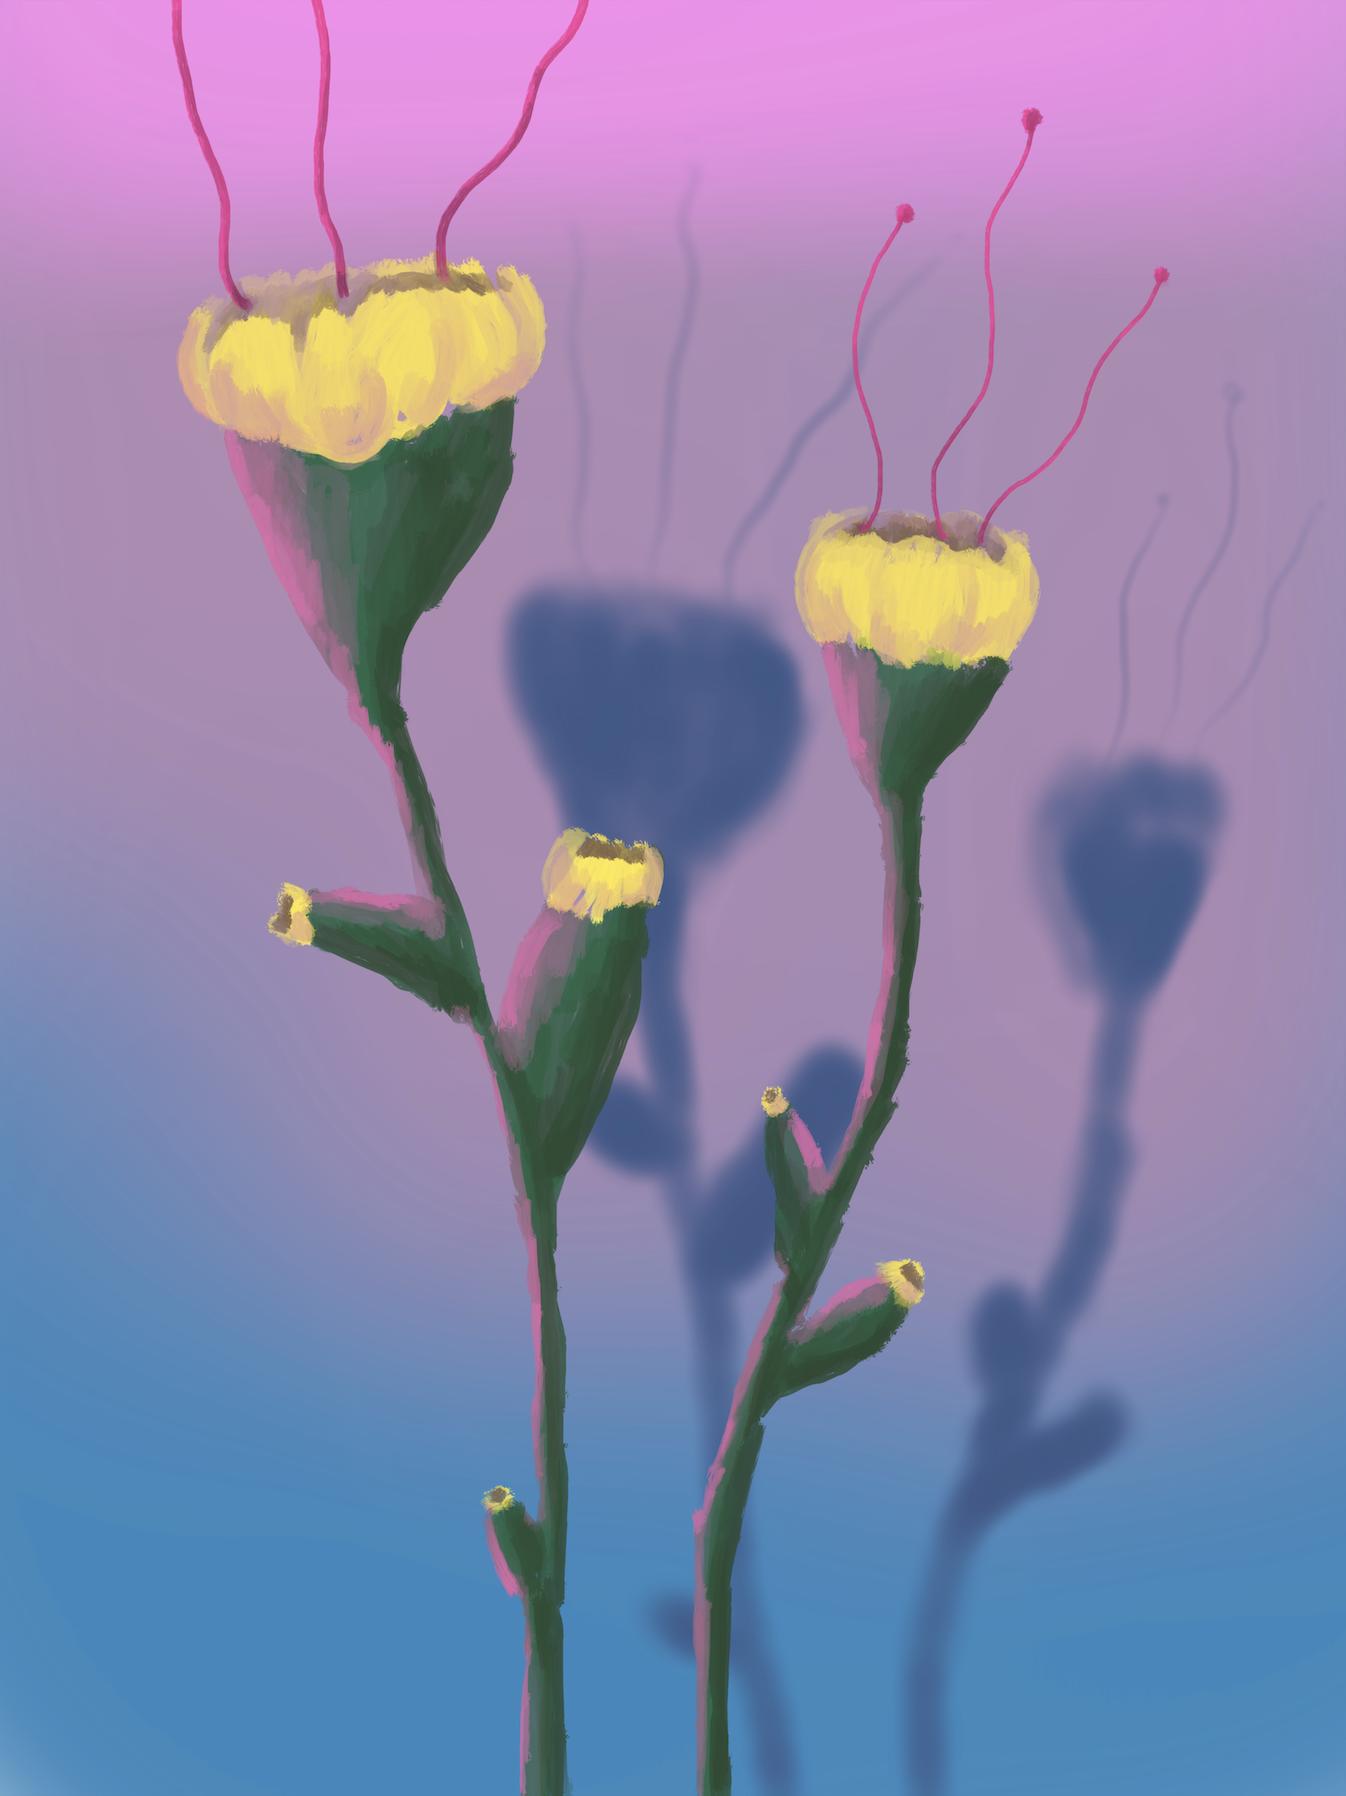 fleurs 1, acrylic on canvas, 45x60cm